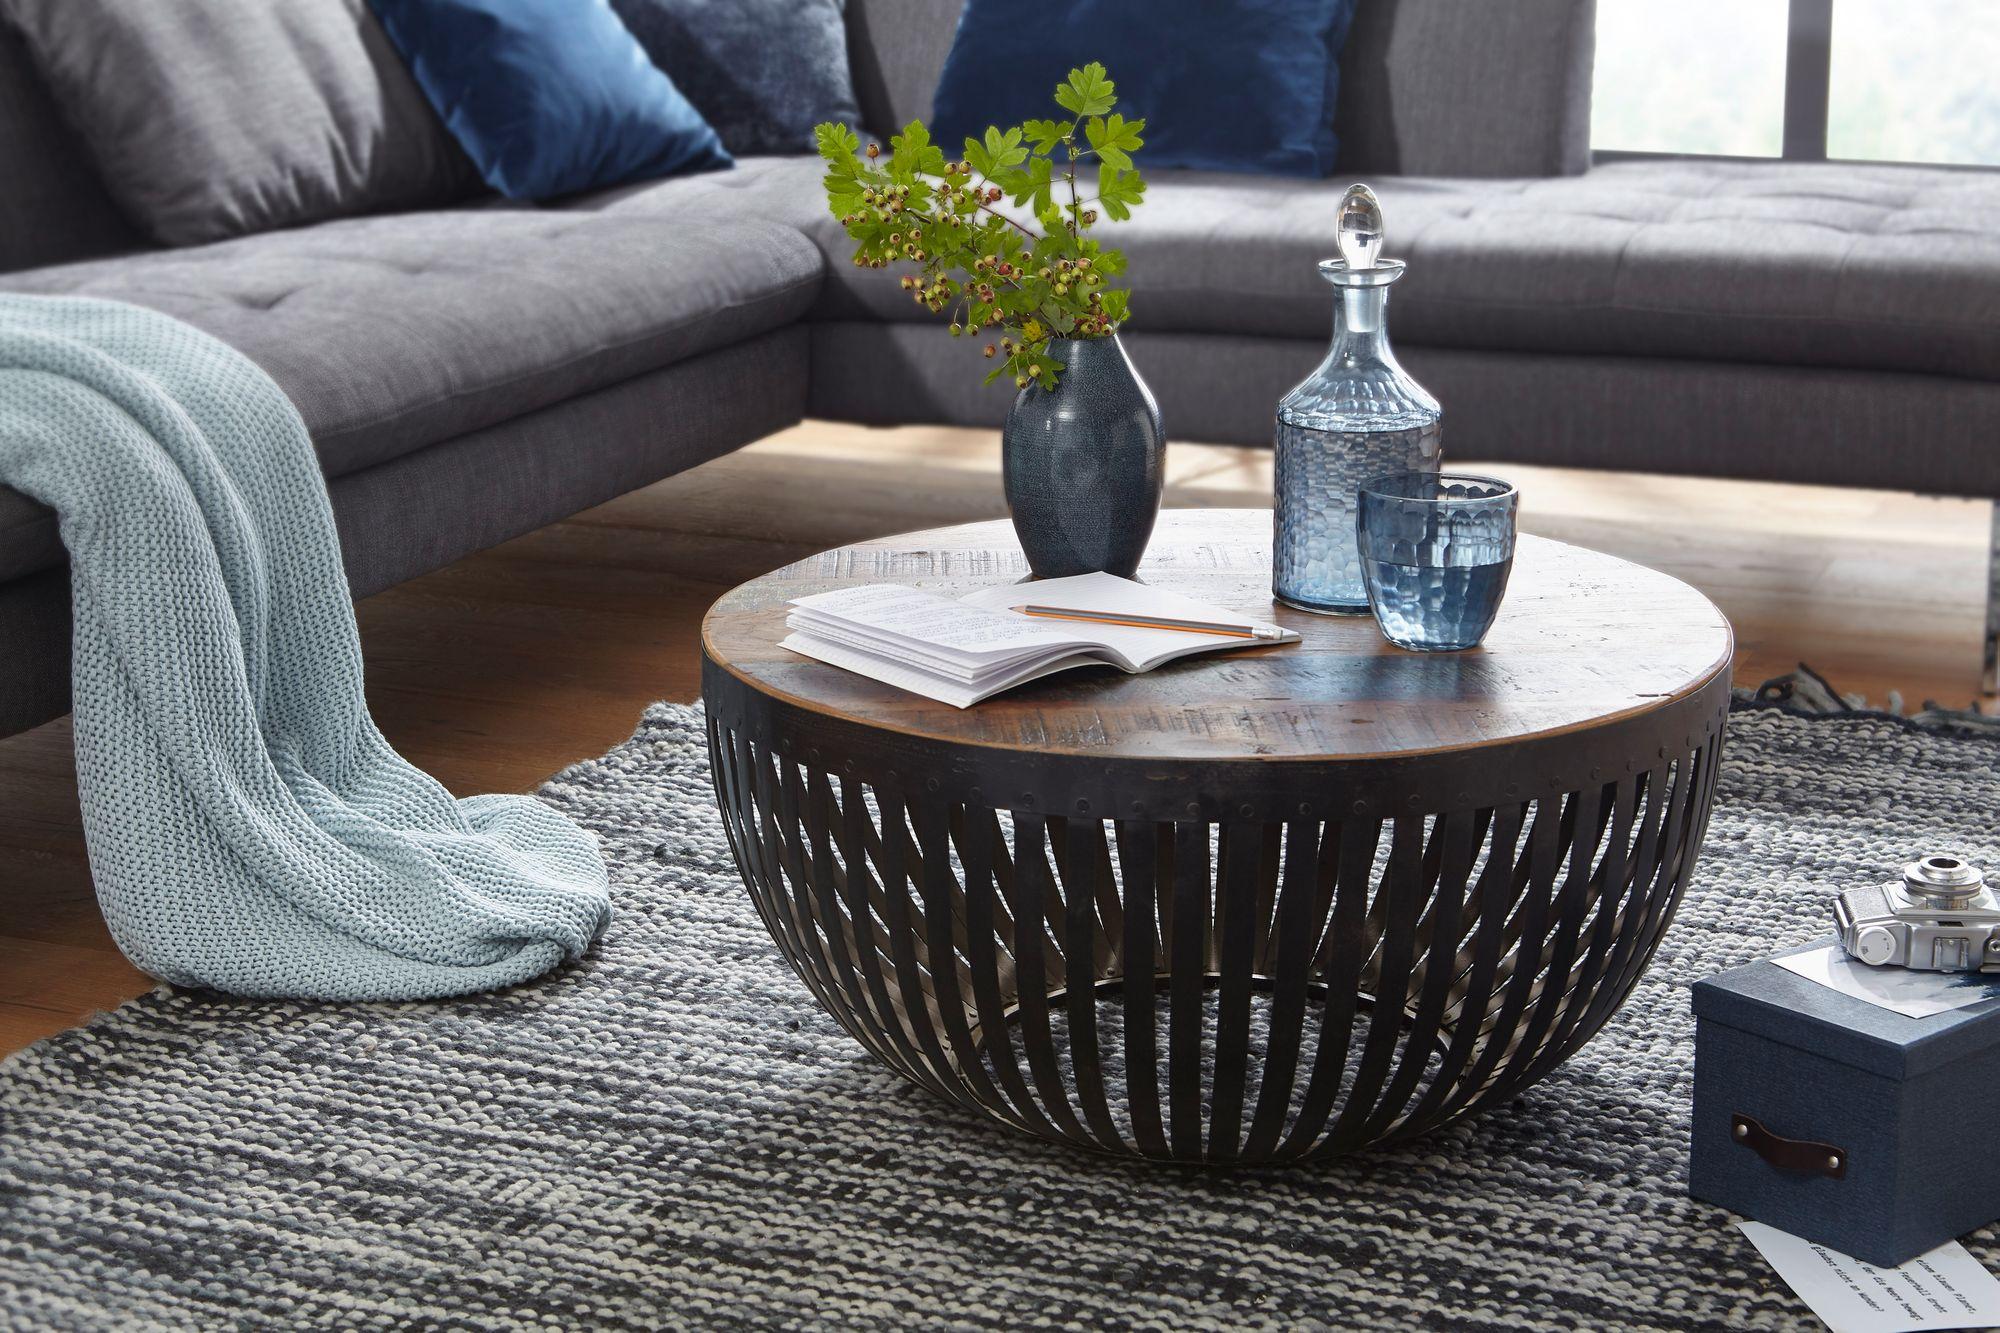 WOHNLING Couchtisch NISHA 9x9x9 cm Holz / Metall Wohnzimmertisch  Industrial  Drahtkorb Tisch